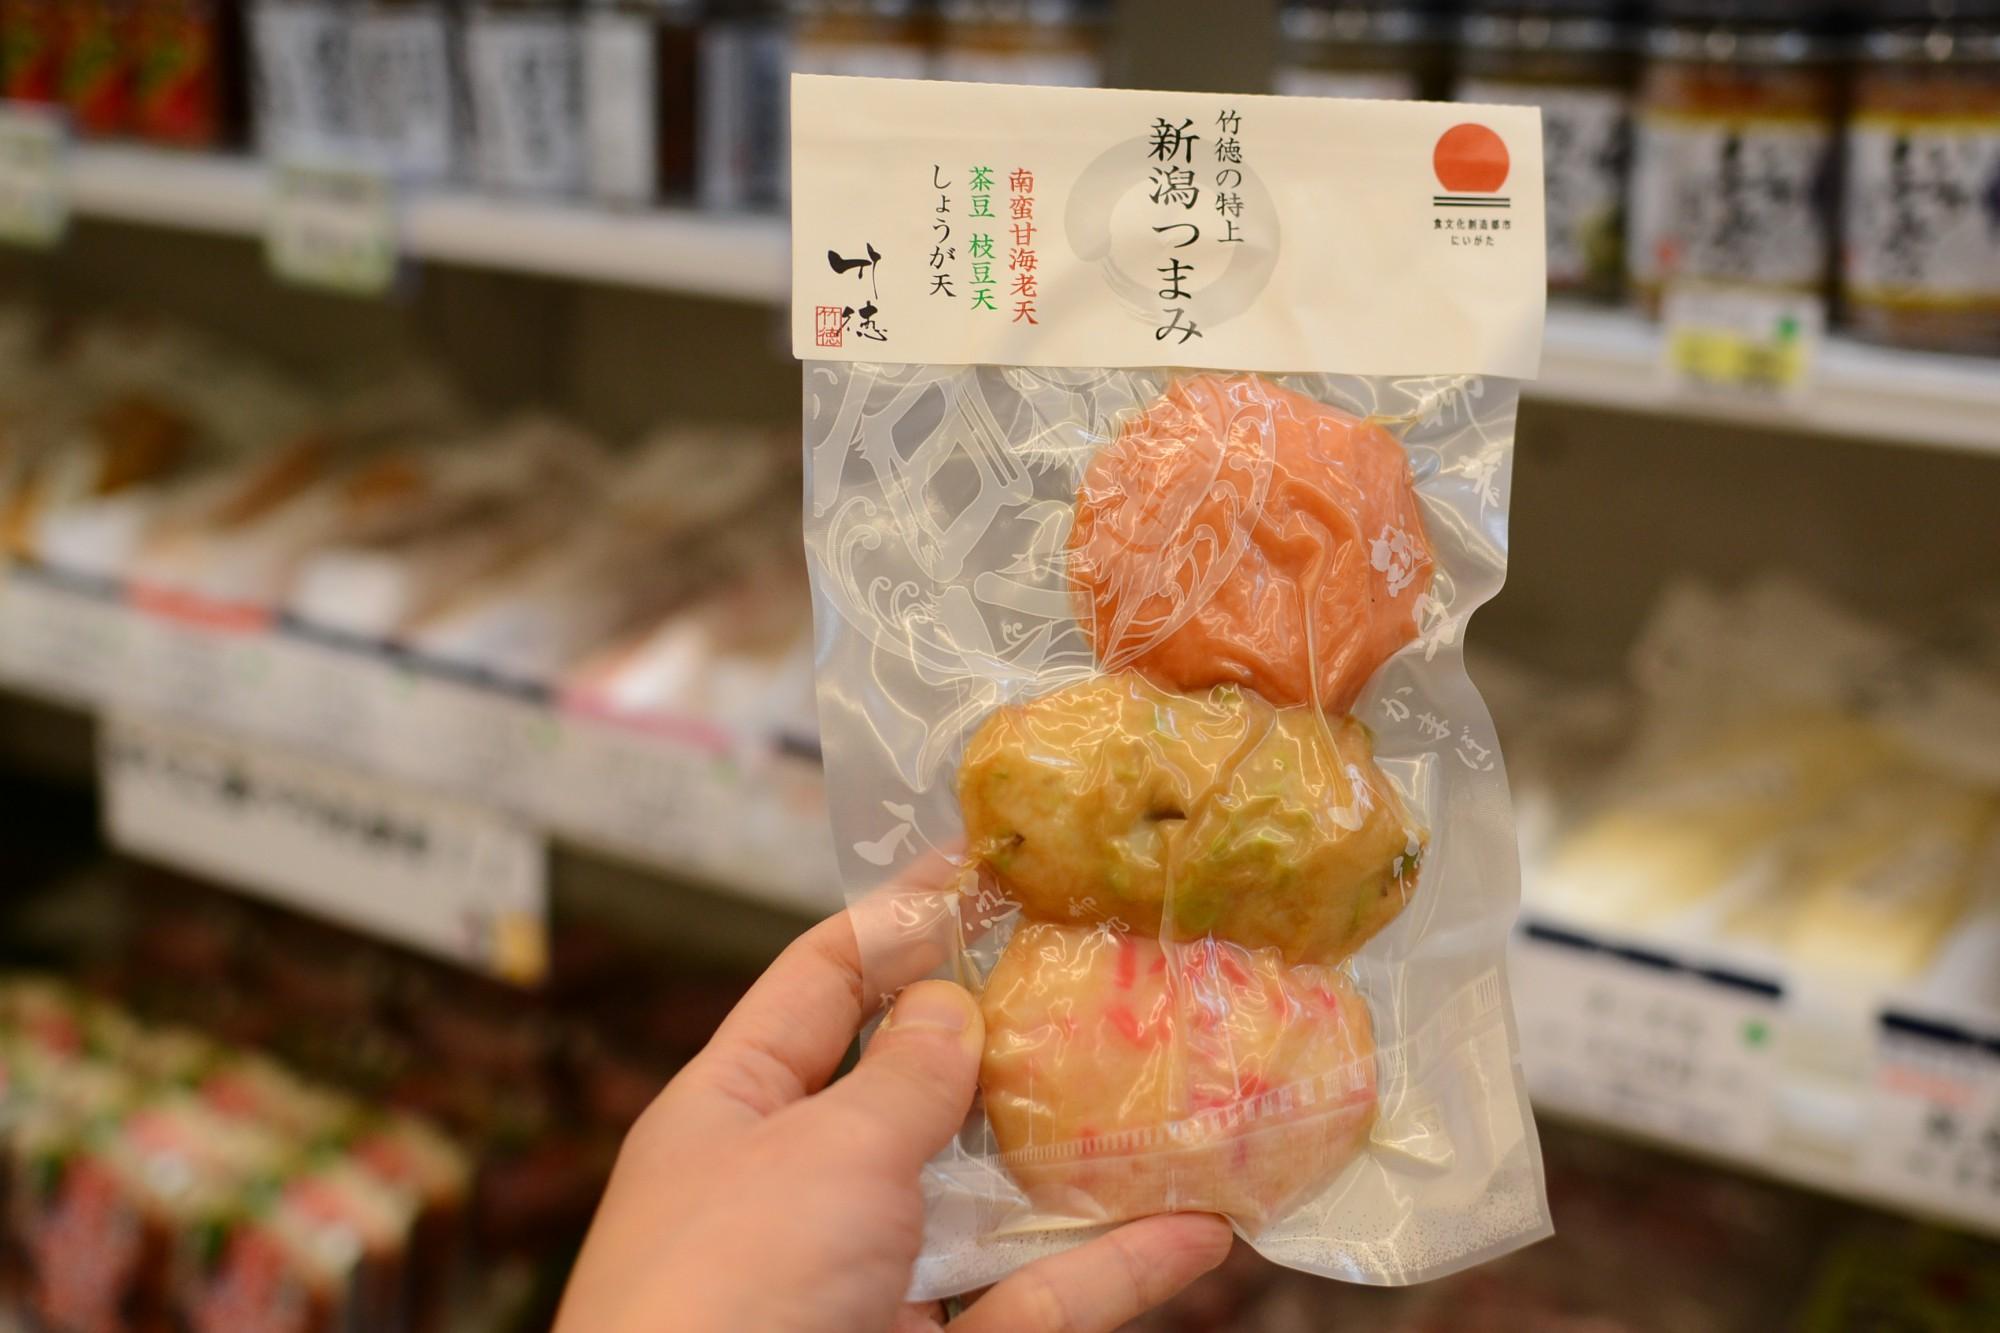 素材のよさを活かした上品な味わいで、日本酒と相性ぴったり。